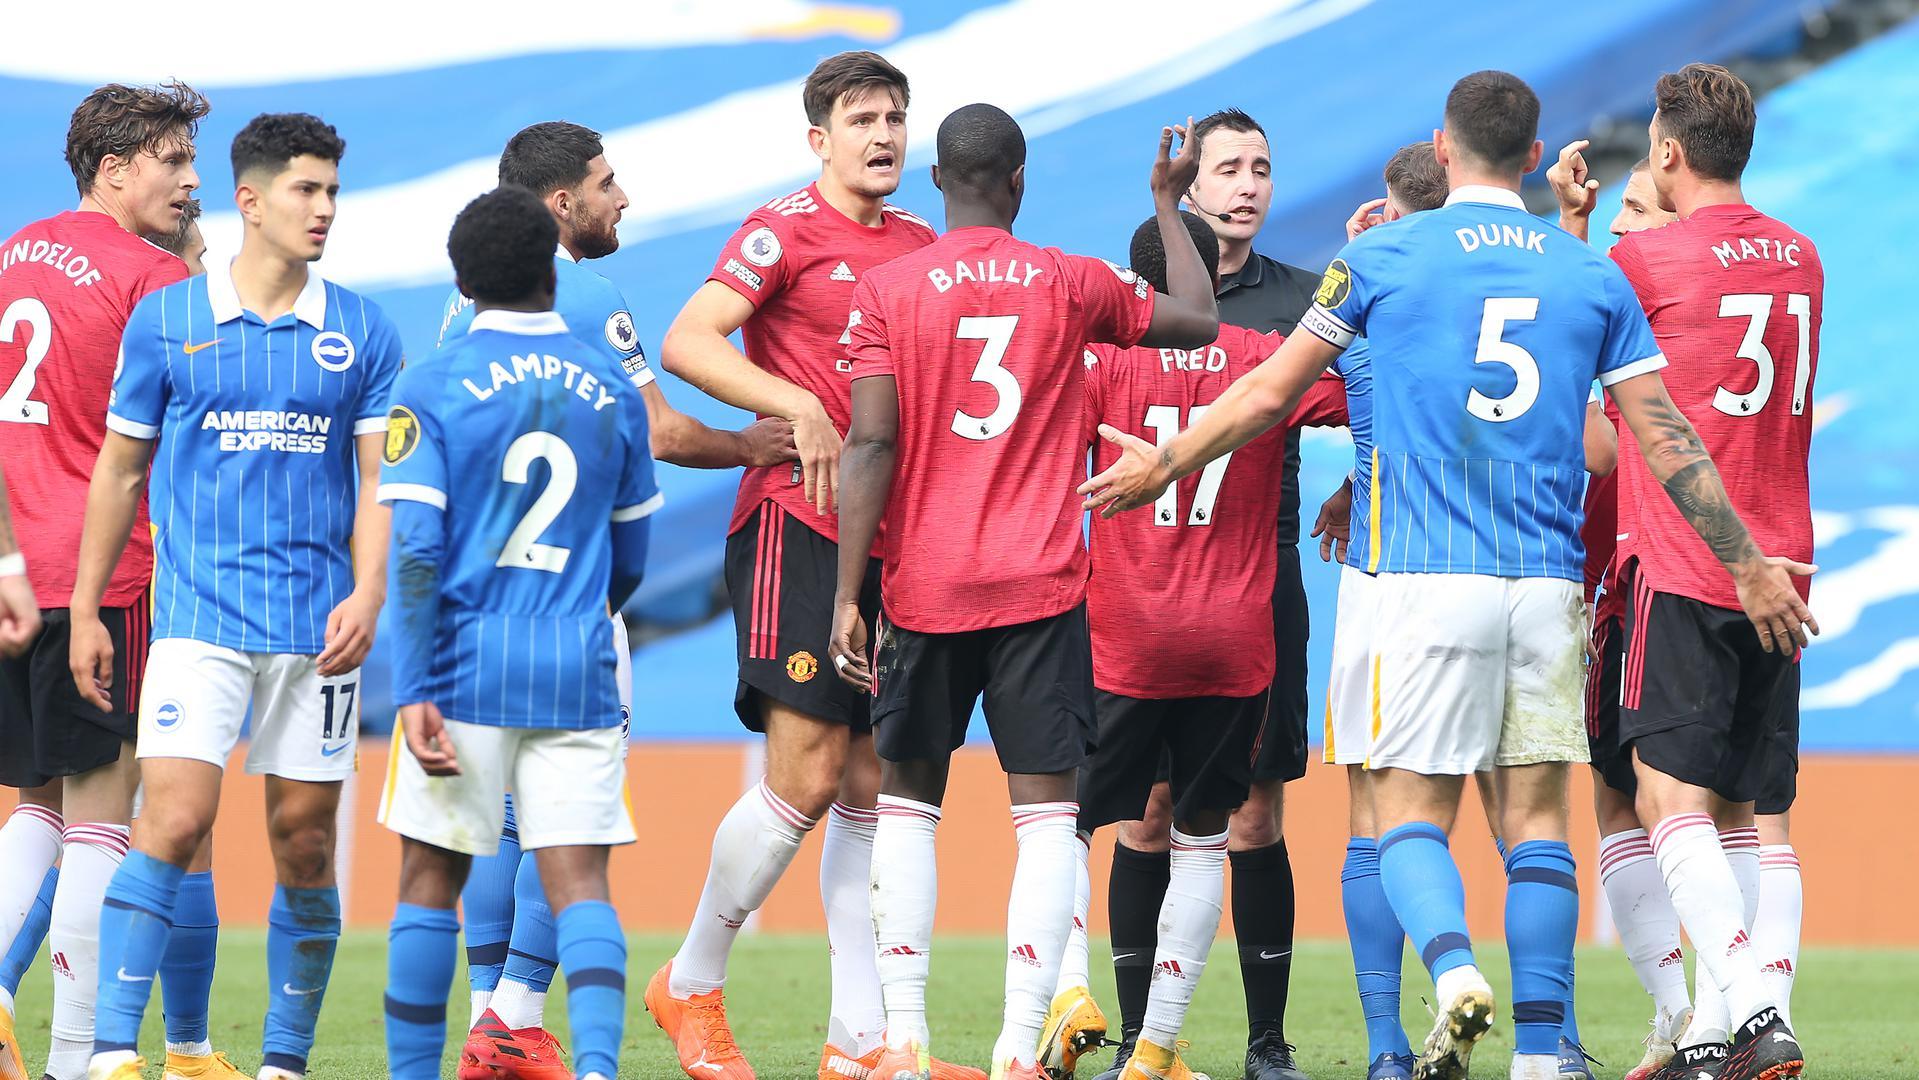 موعد مواجهة مانشستر يونايتد وبرايتون اند هوف البيون ضمن مواجهات الدوري الانجليزي